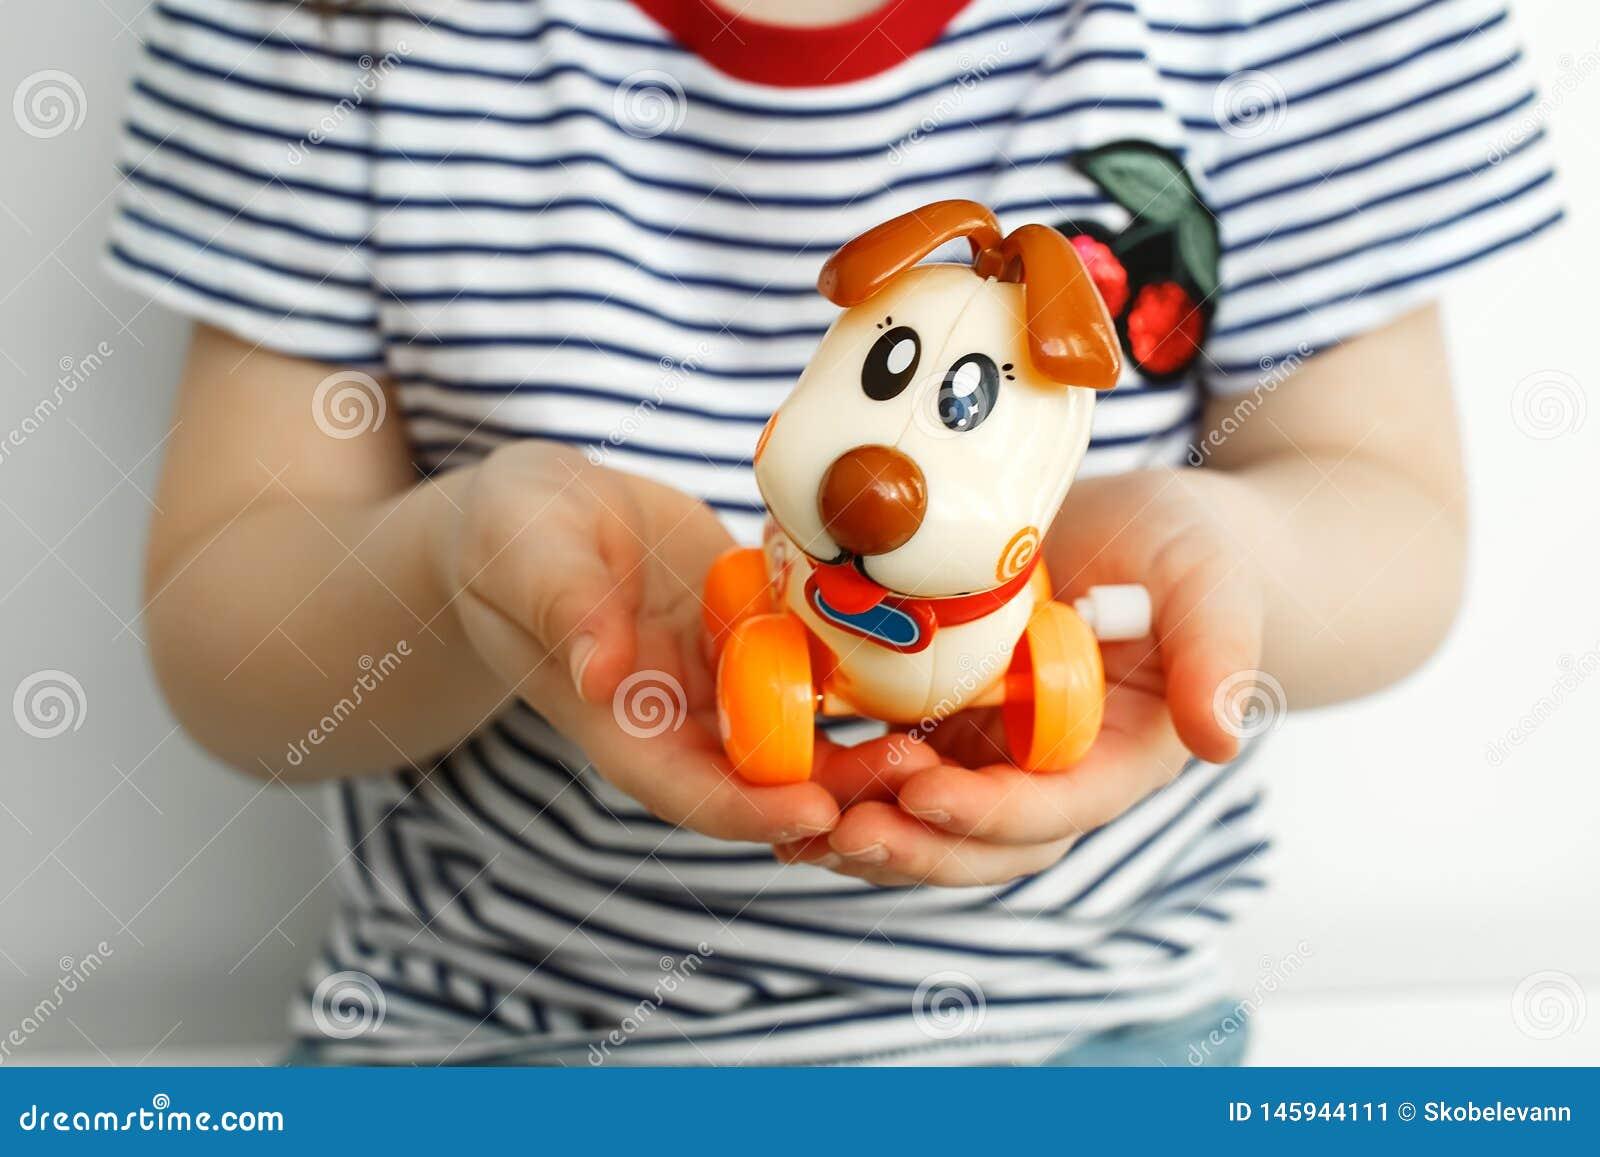 ‹D †de ‹d †de chien de jouet pour enfants dans les mains d un enfant